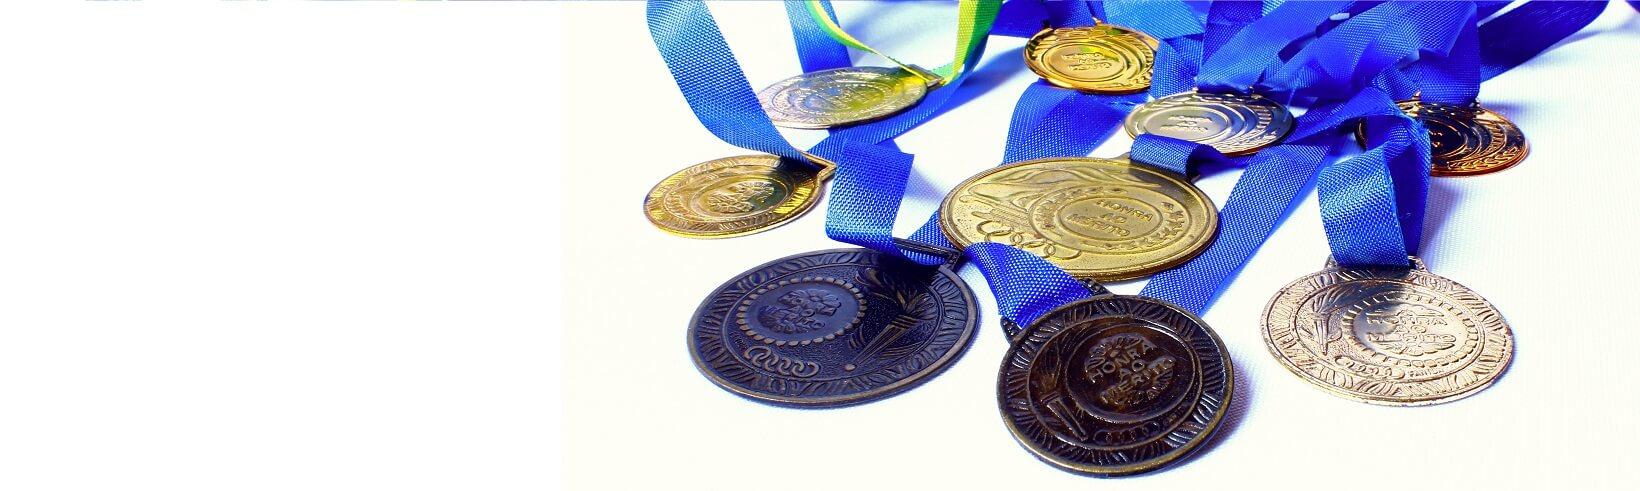 Medallas, copas y trofeos en Gijón